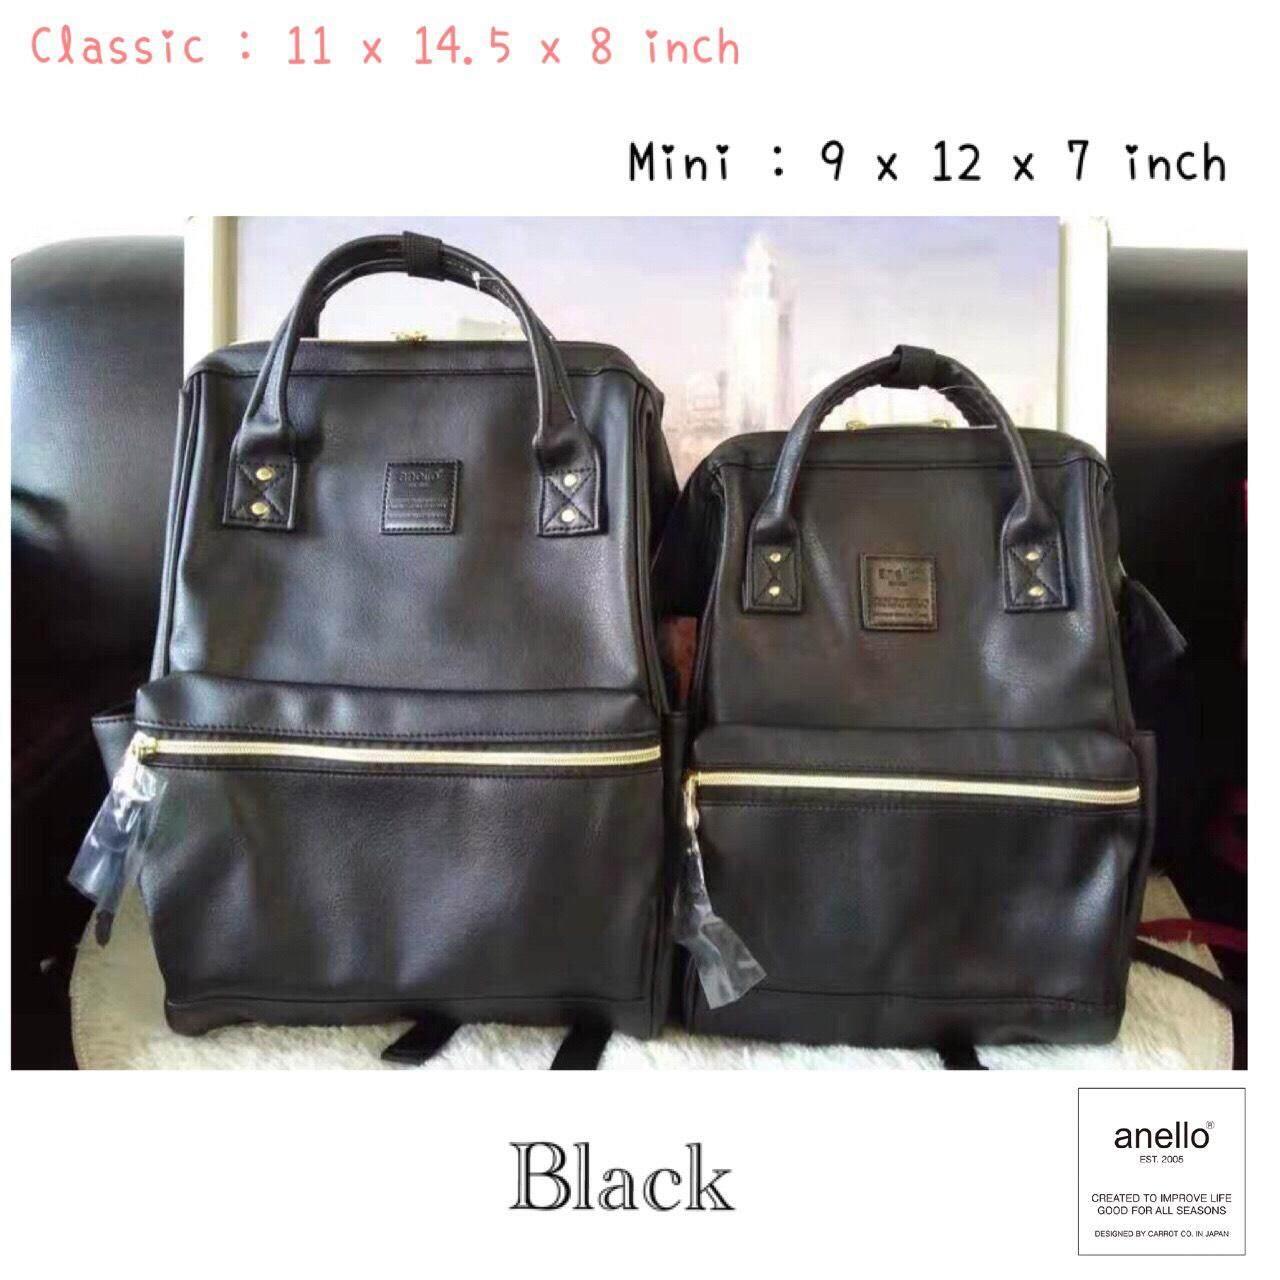 นครราชสีมา รุ่น Mini Anello Faux Leather Hinged Clasp Mini Backpack